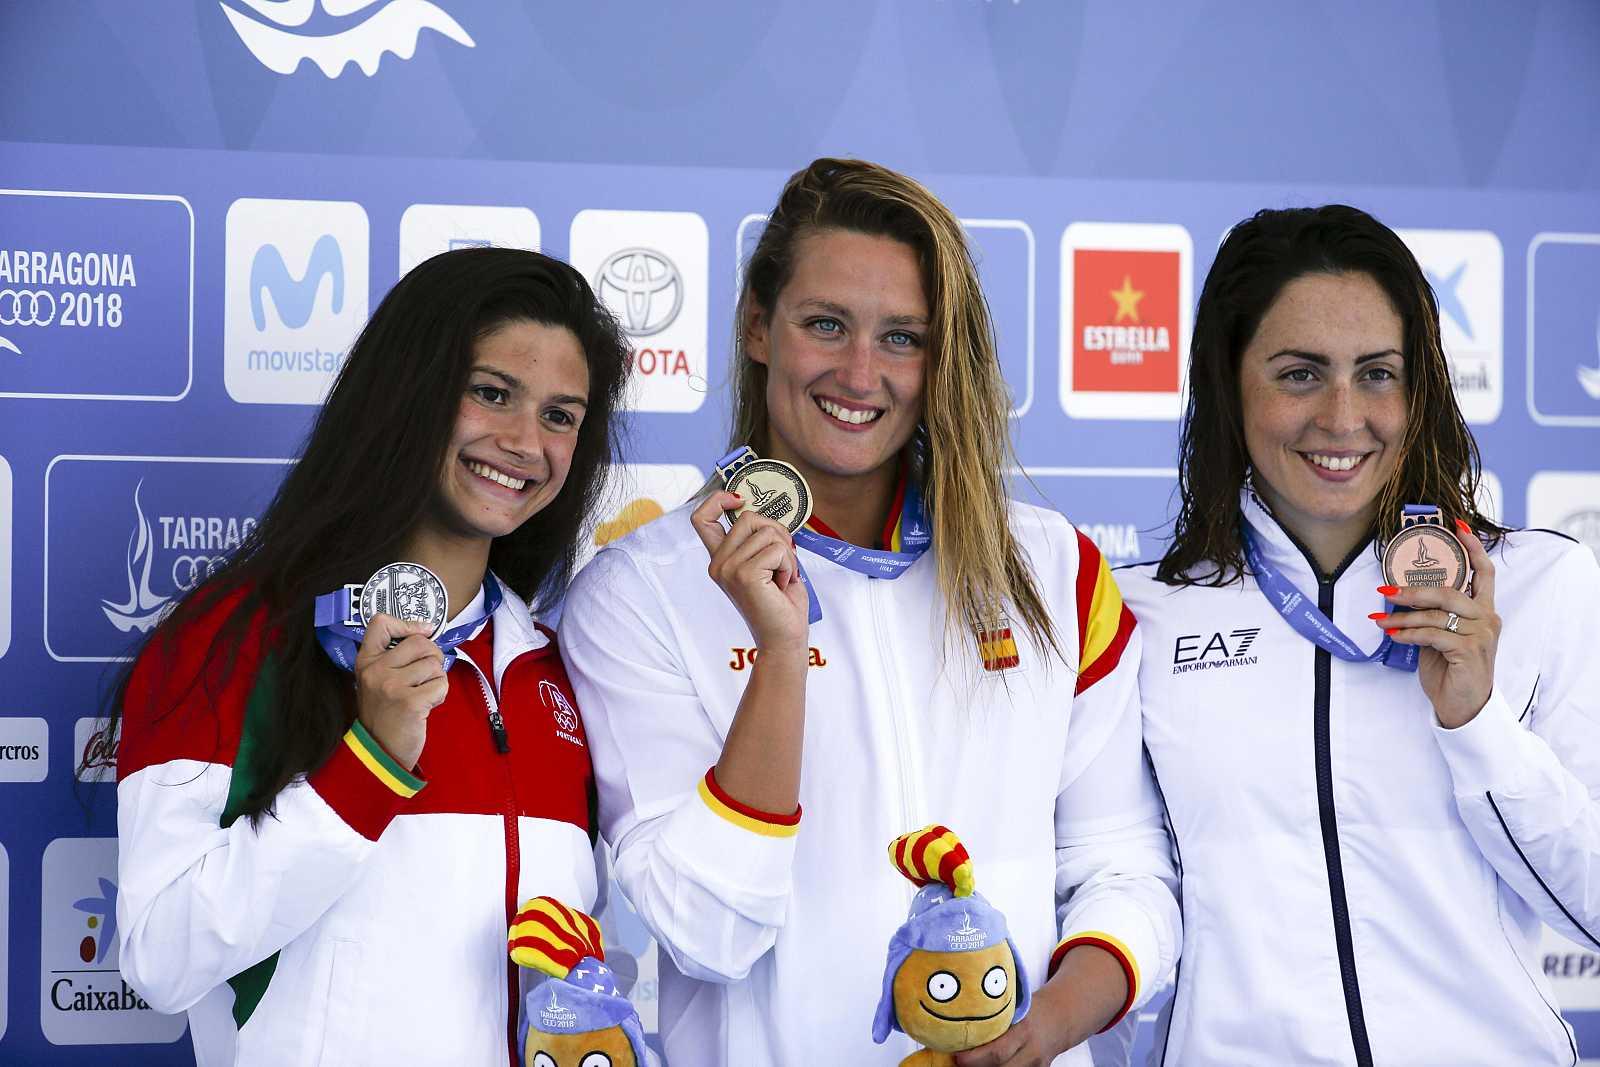 Mireia Belmonte cierra su participación en Tarragona con 2 oros y 2 platas